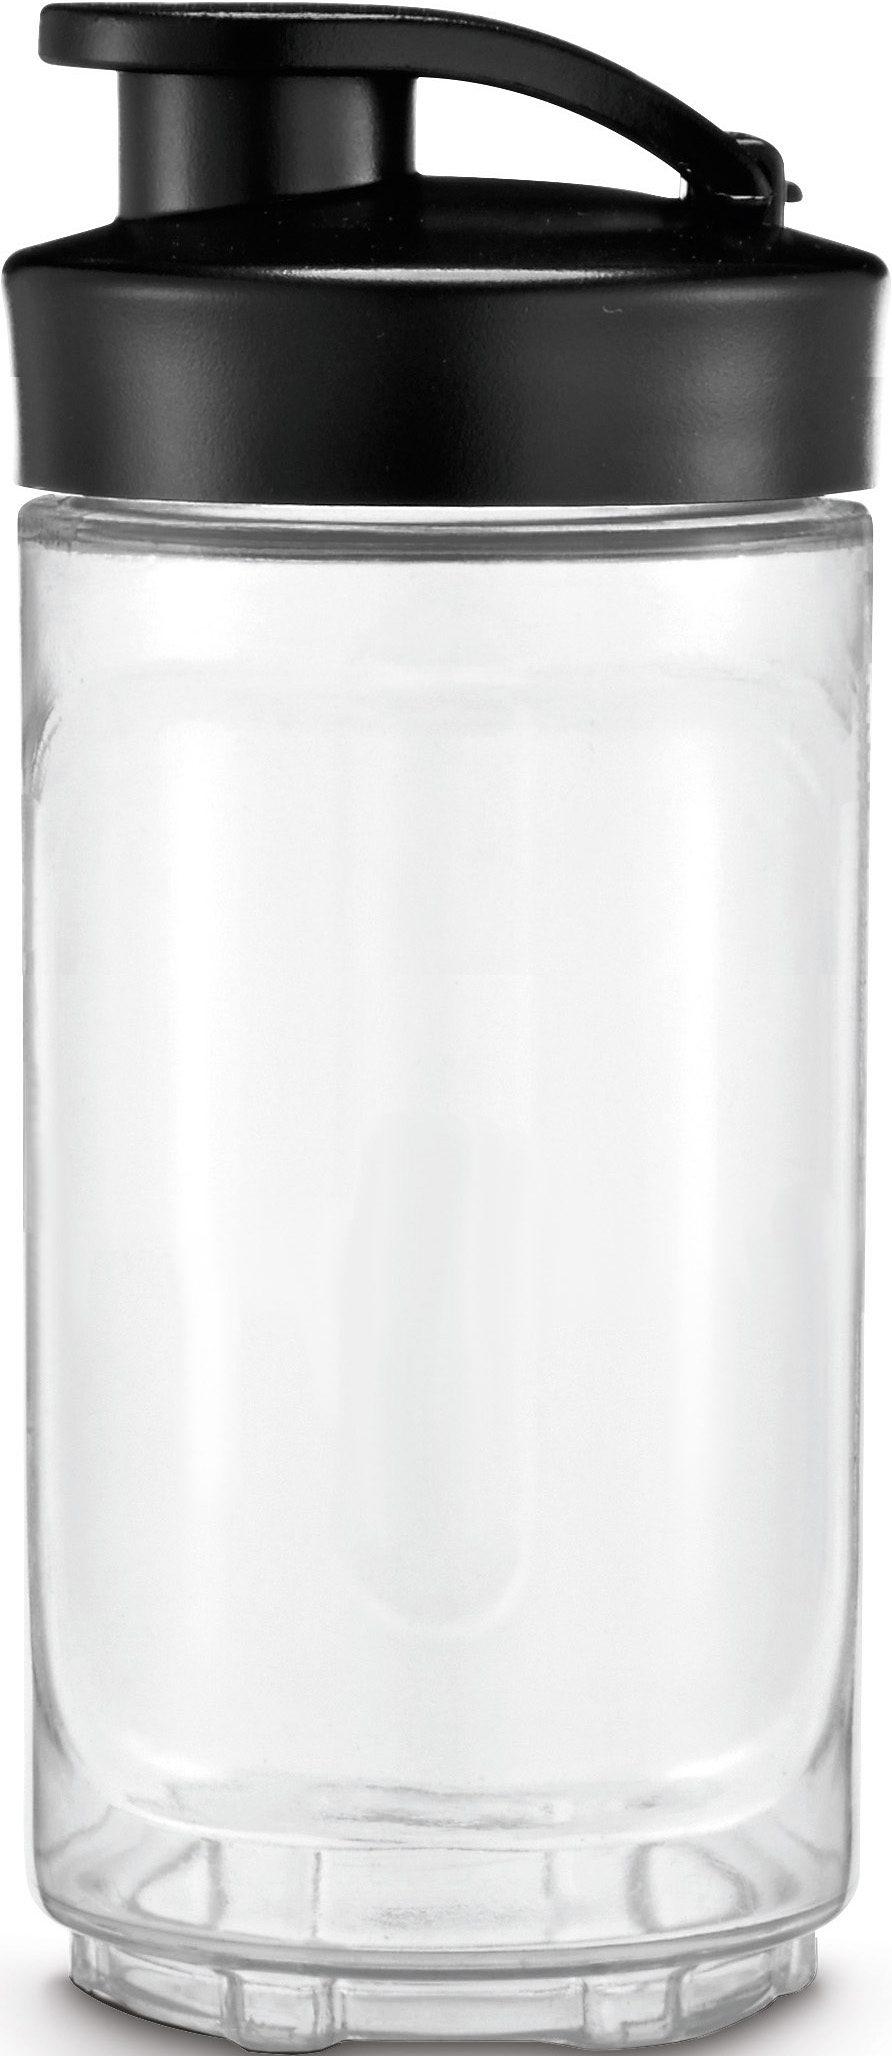 WMF KULT X Trinkflasche 0,3l